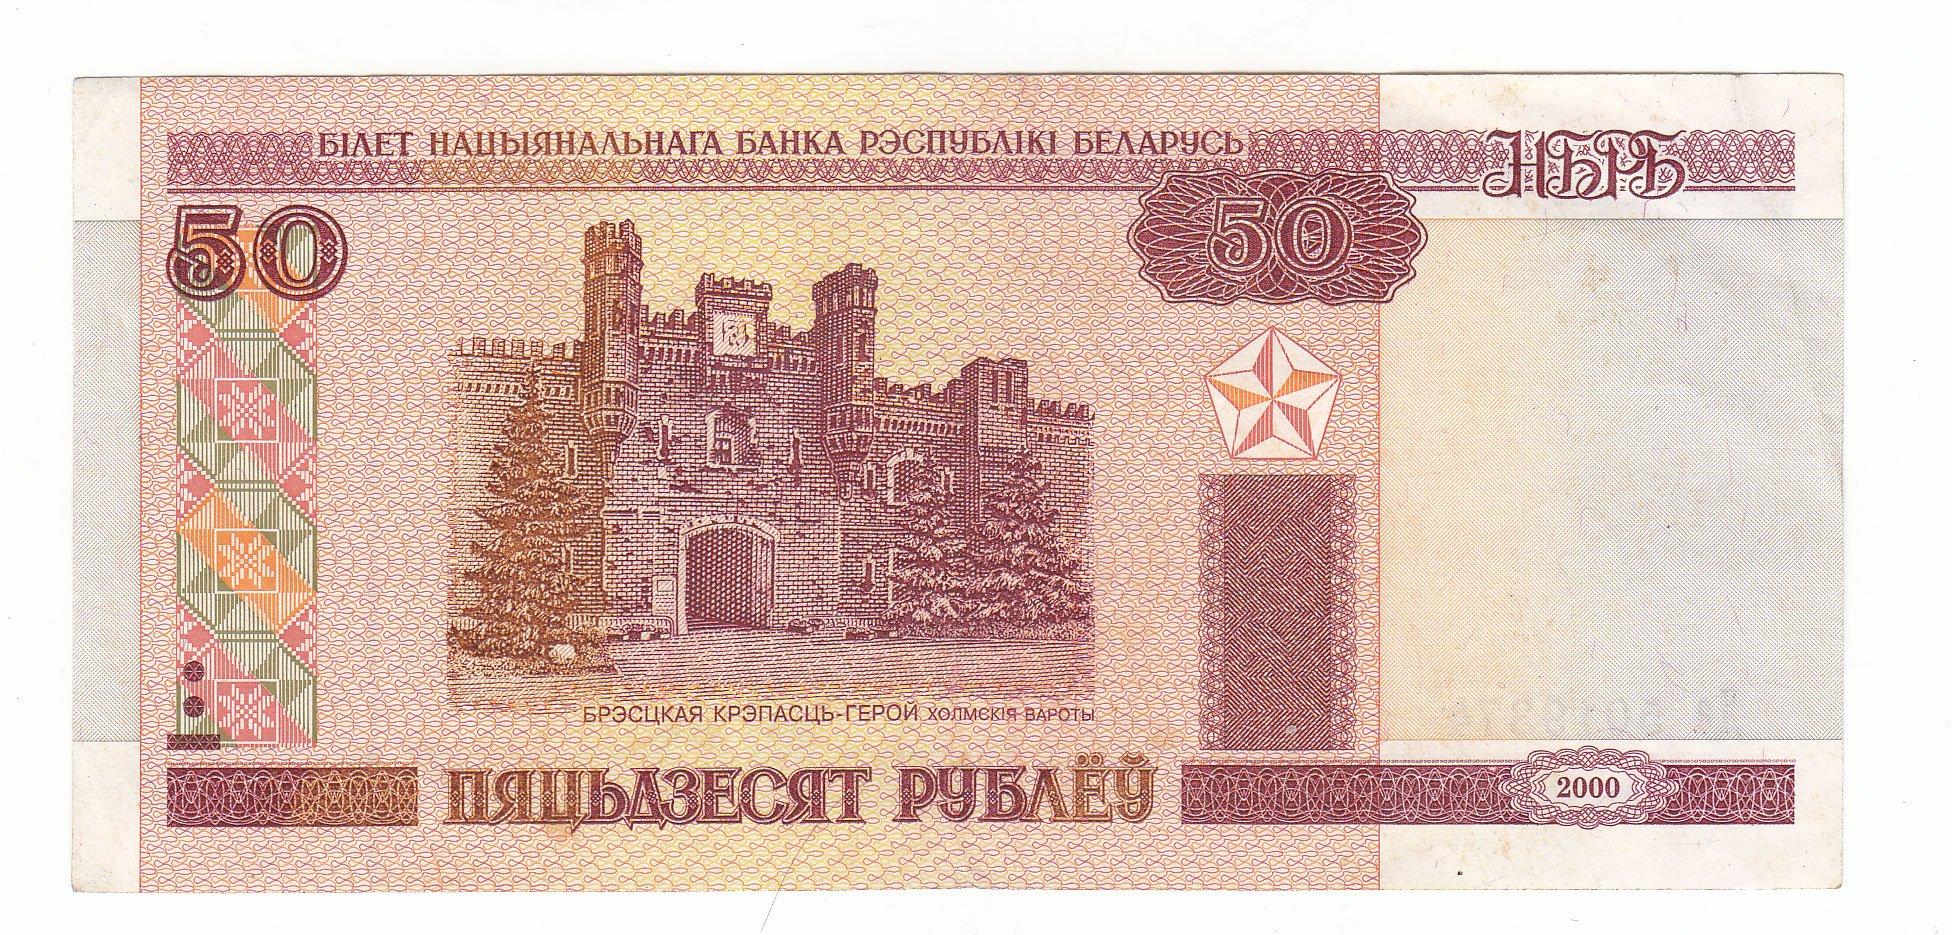 50 Pięćdziesiąt  RUBLI Białoruś 2000 rok